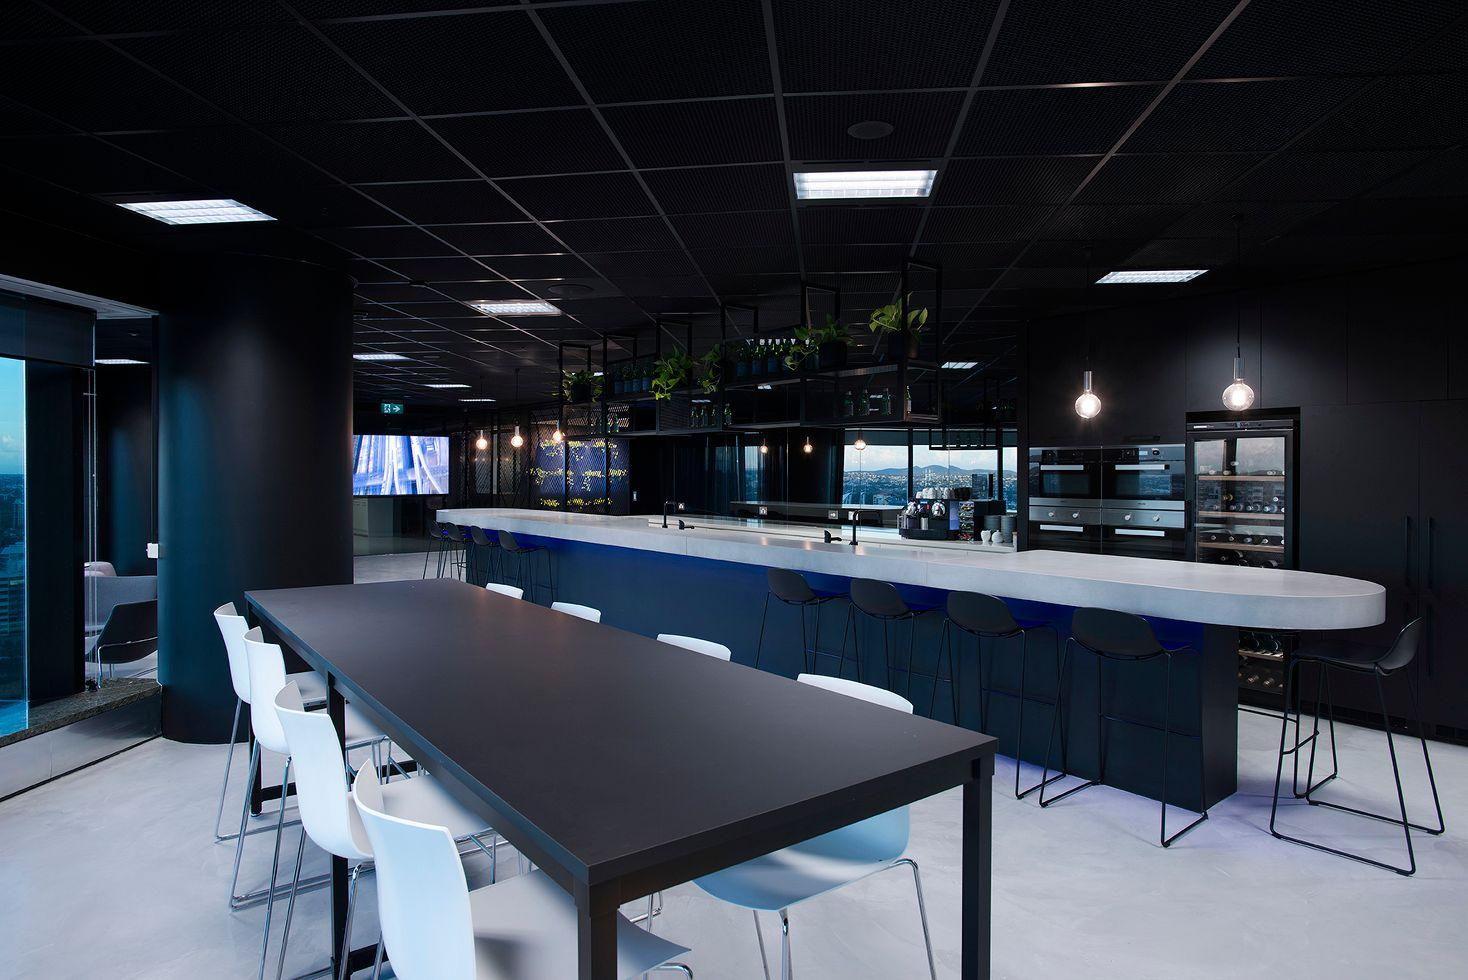 потолок с черной сеткой Армстронг board